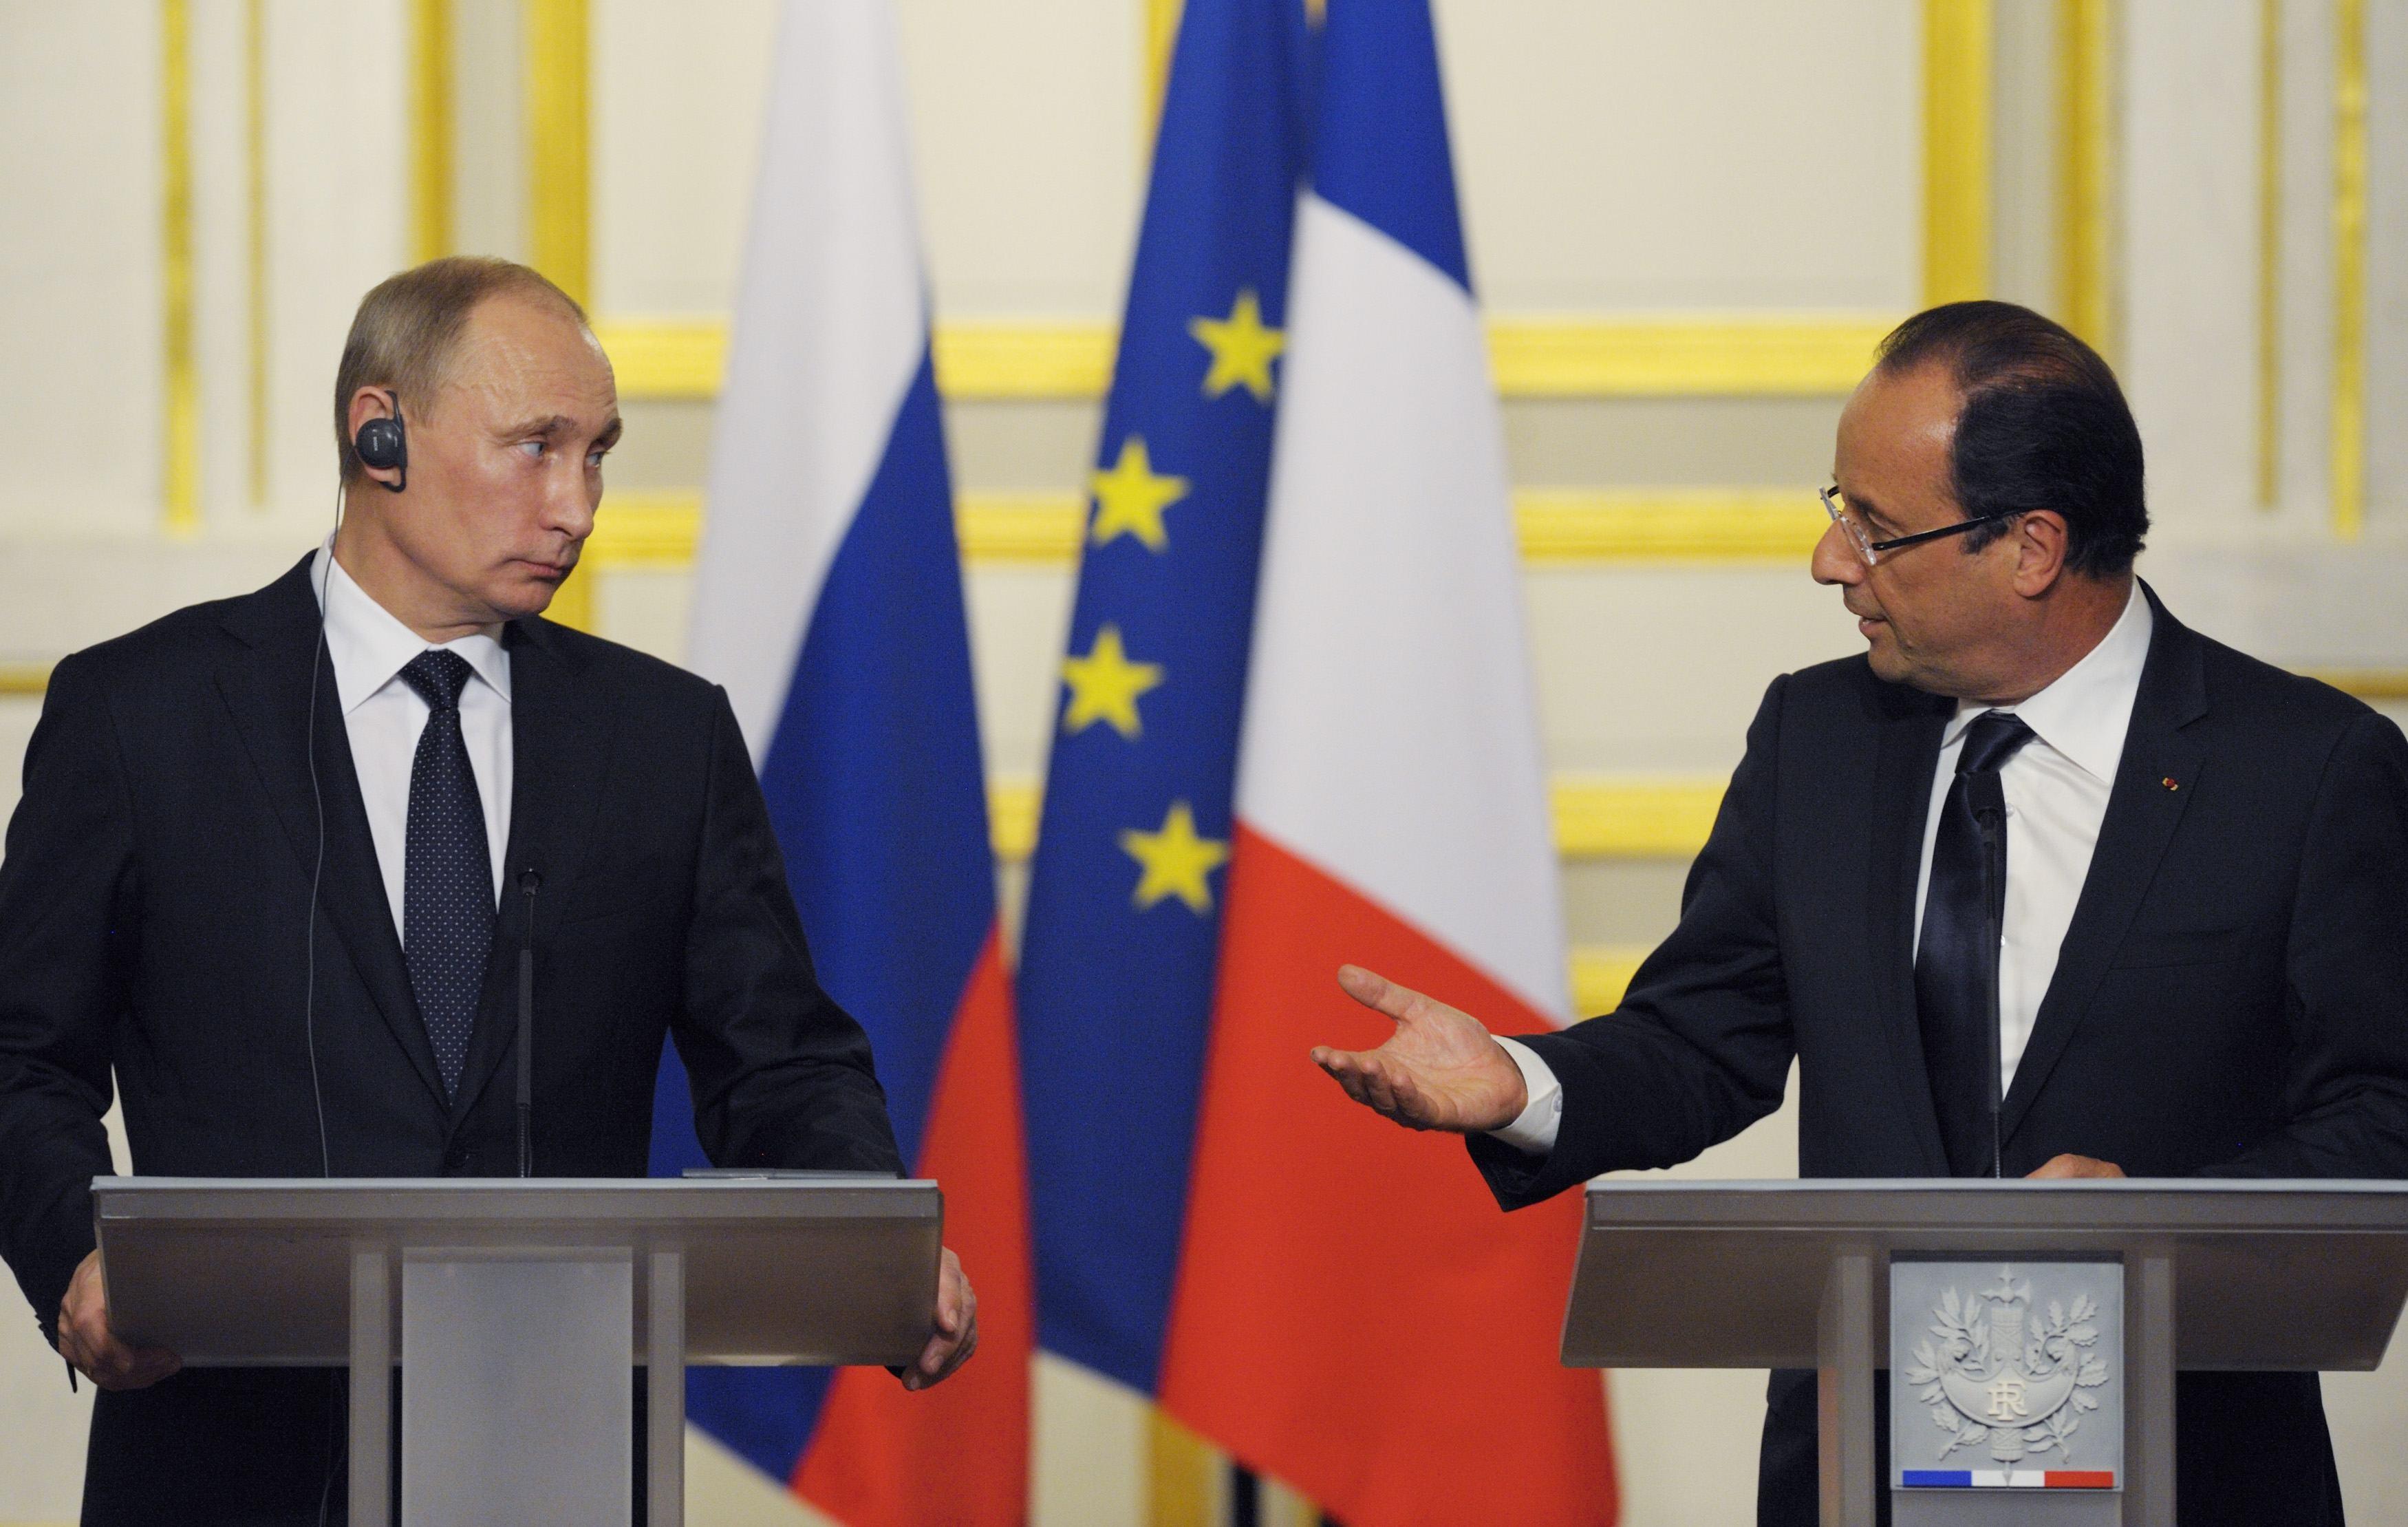 Η συνάντηση Πούτιν – Ολάντ σηματοδοτεί την δυτική στροφή απέναντι στη Ρωσία